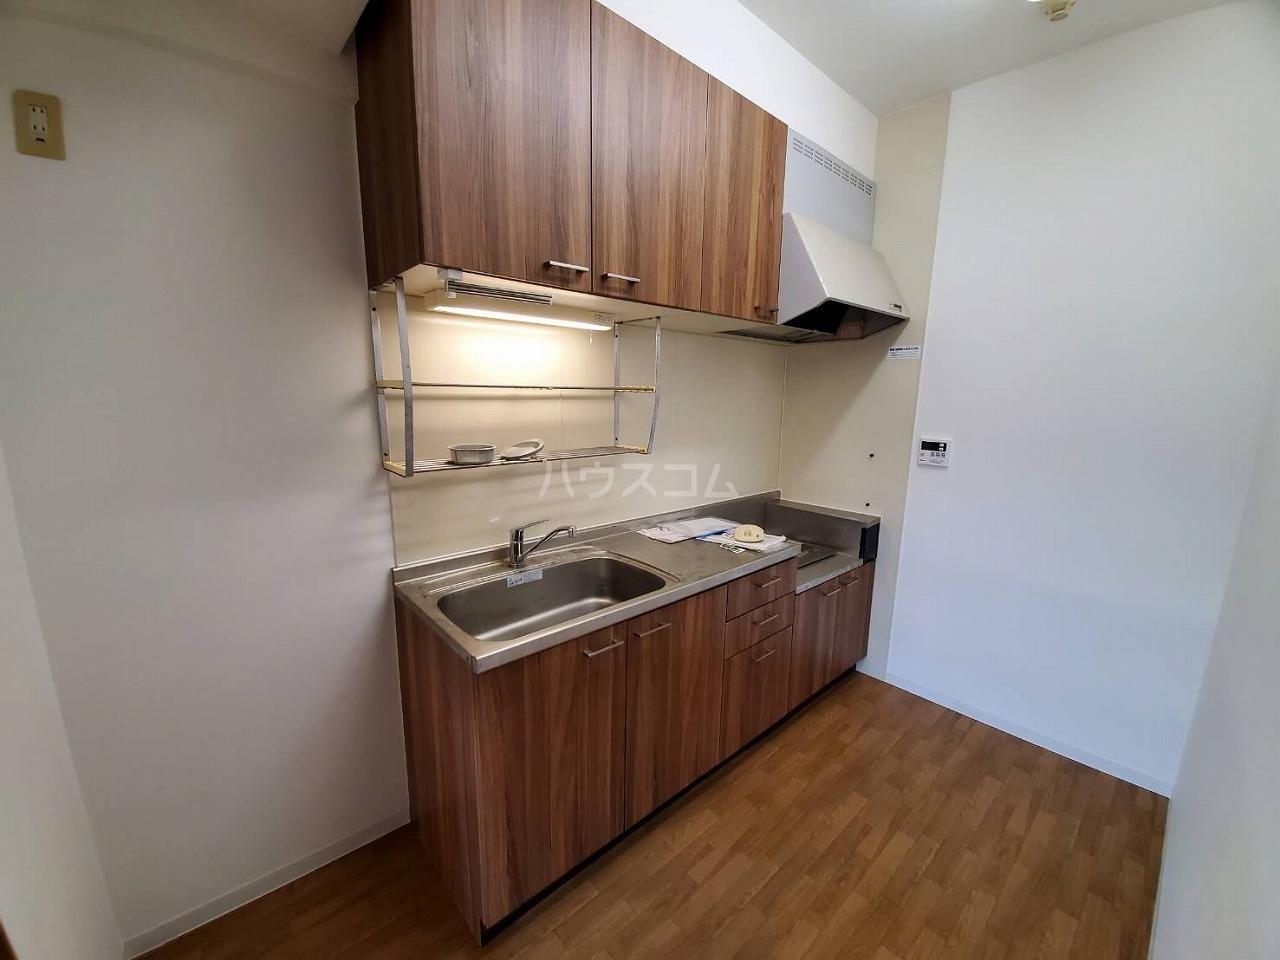 クレストサンライズ 101号室のキッチン